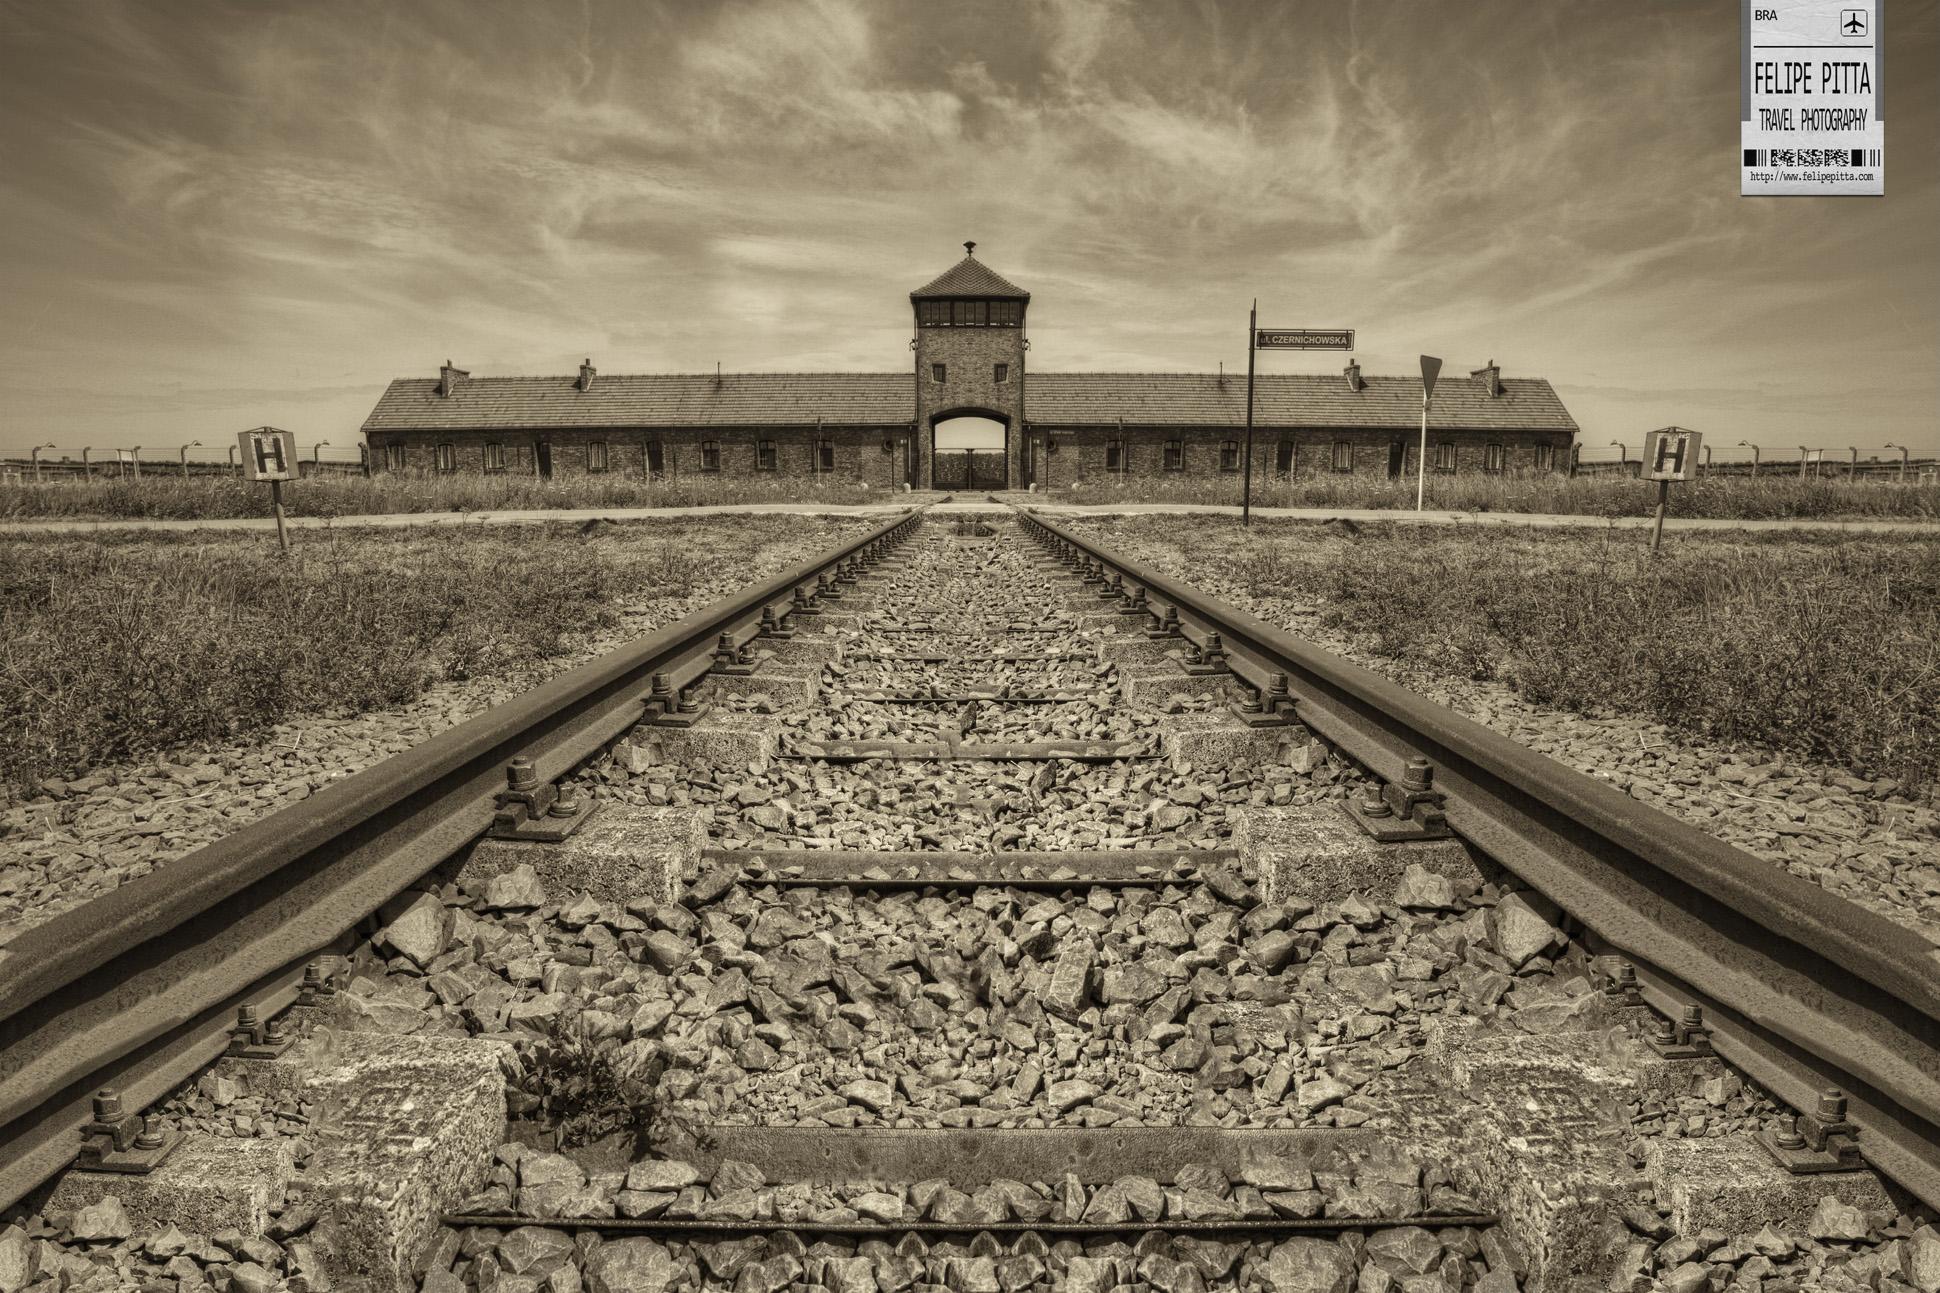 The Death Gate of the Auschwitz II - Birkenau Camp Oświęcim